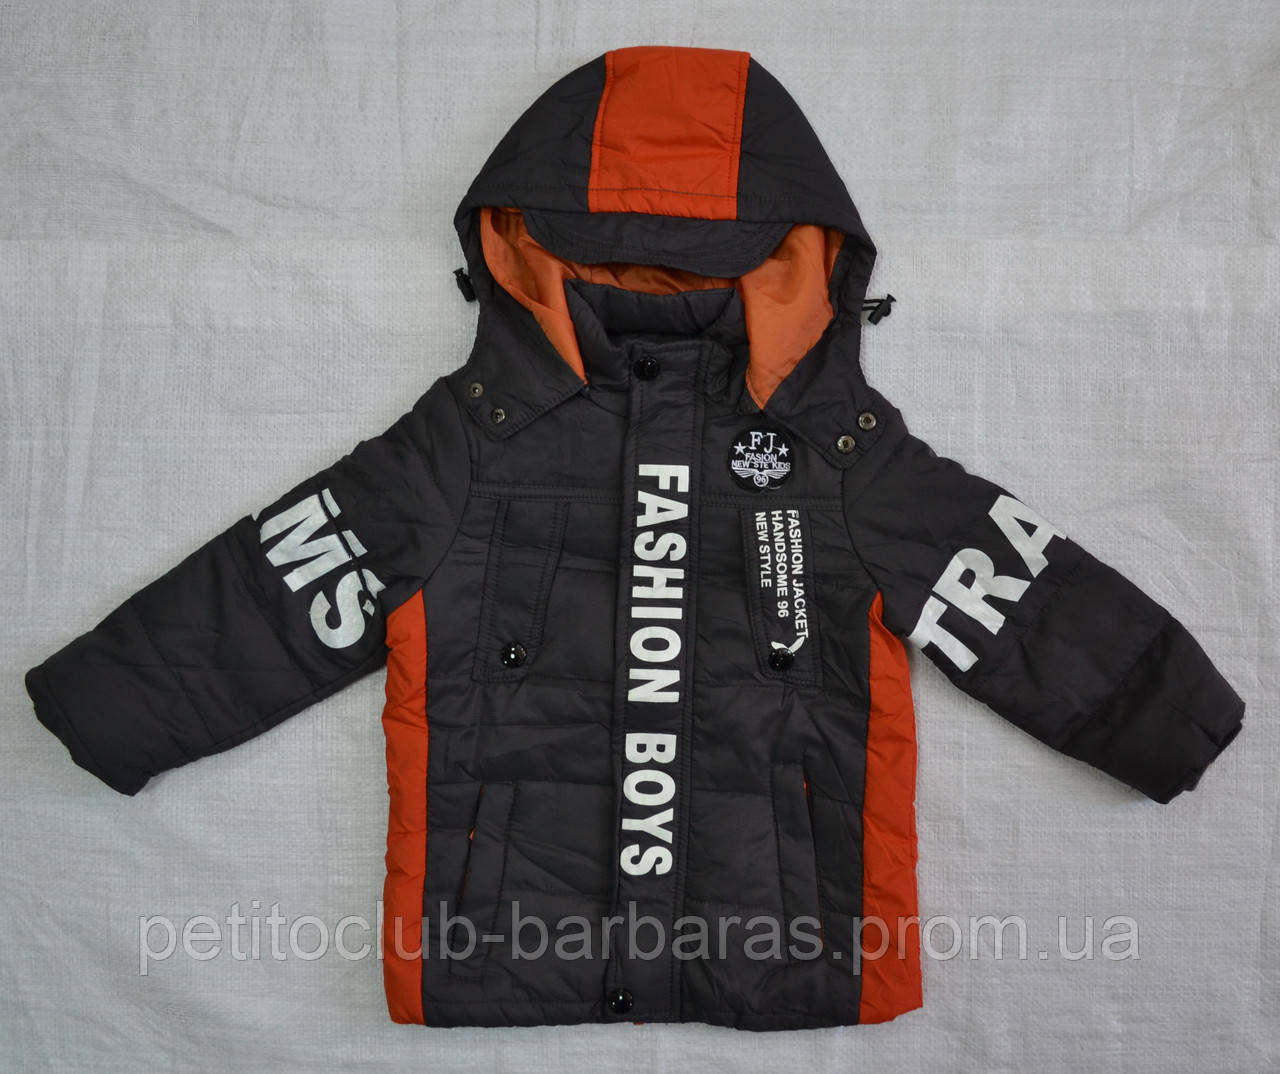 Детская демисезонная куртка для мальчика Fashion Boys коричневая (Grace, Венгрия)